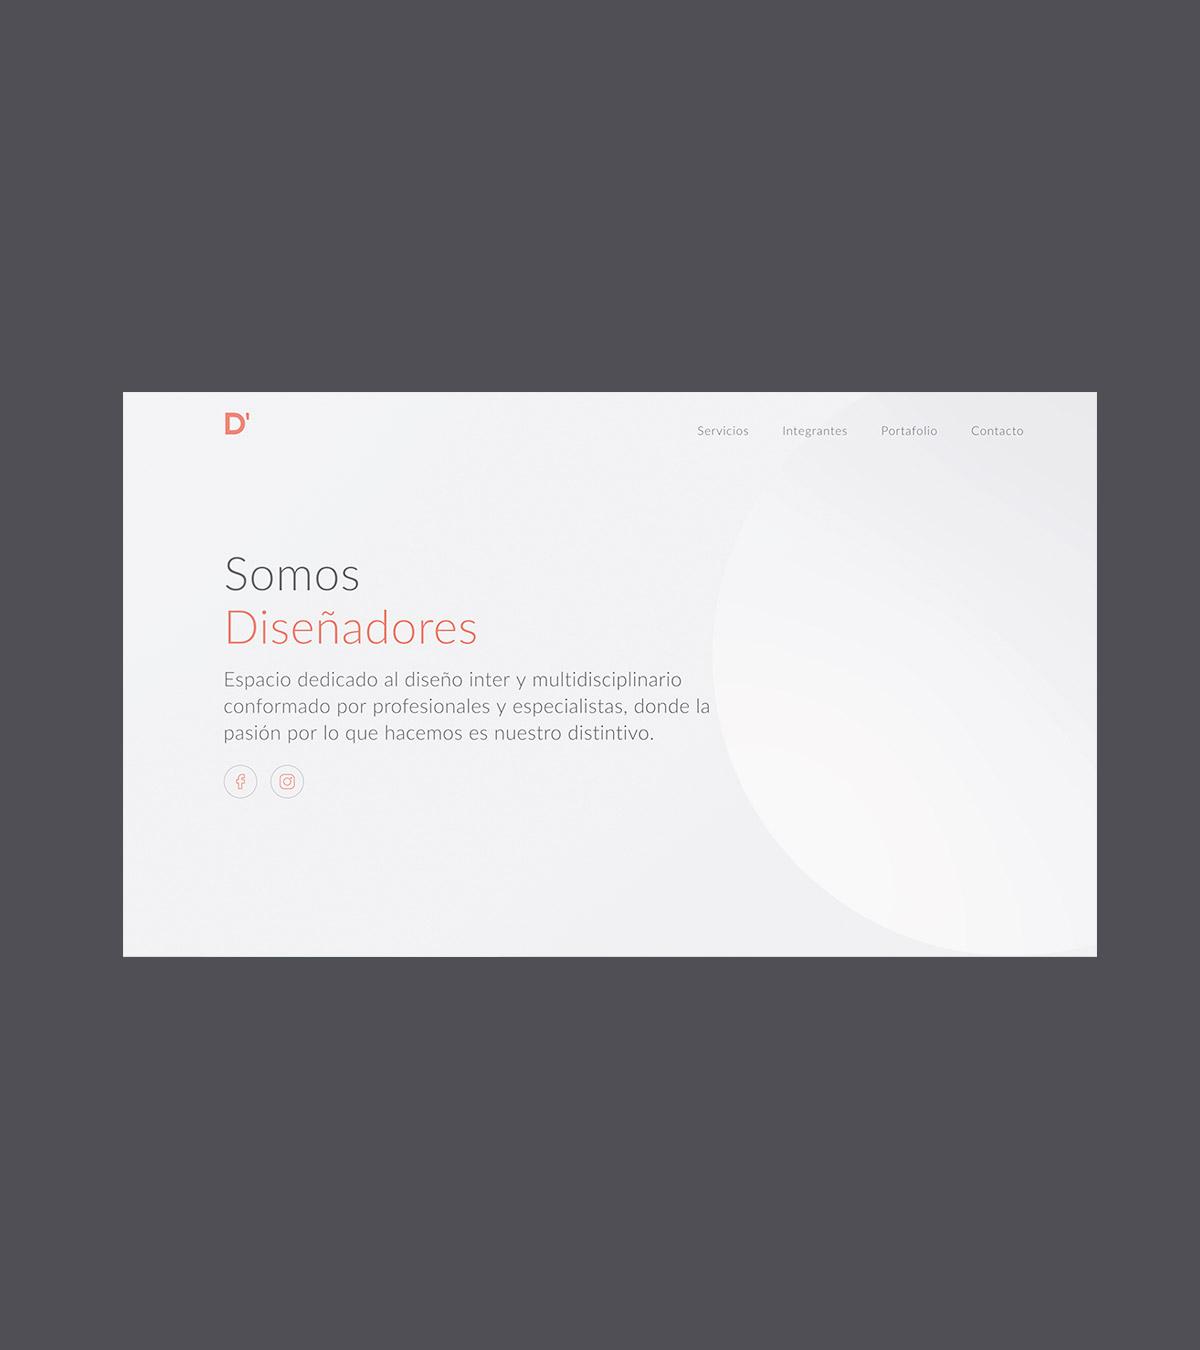 d' diseño website project image